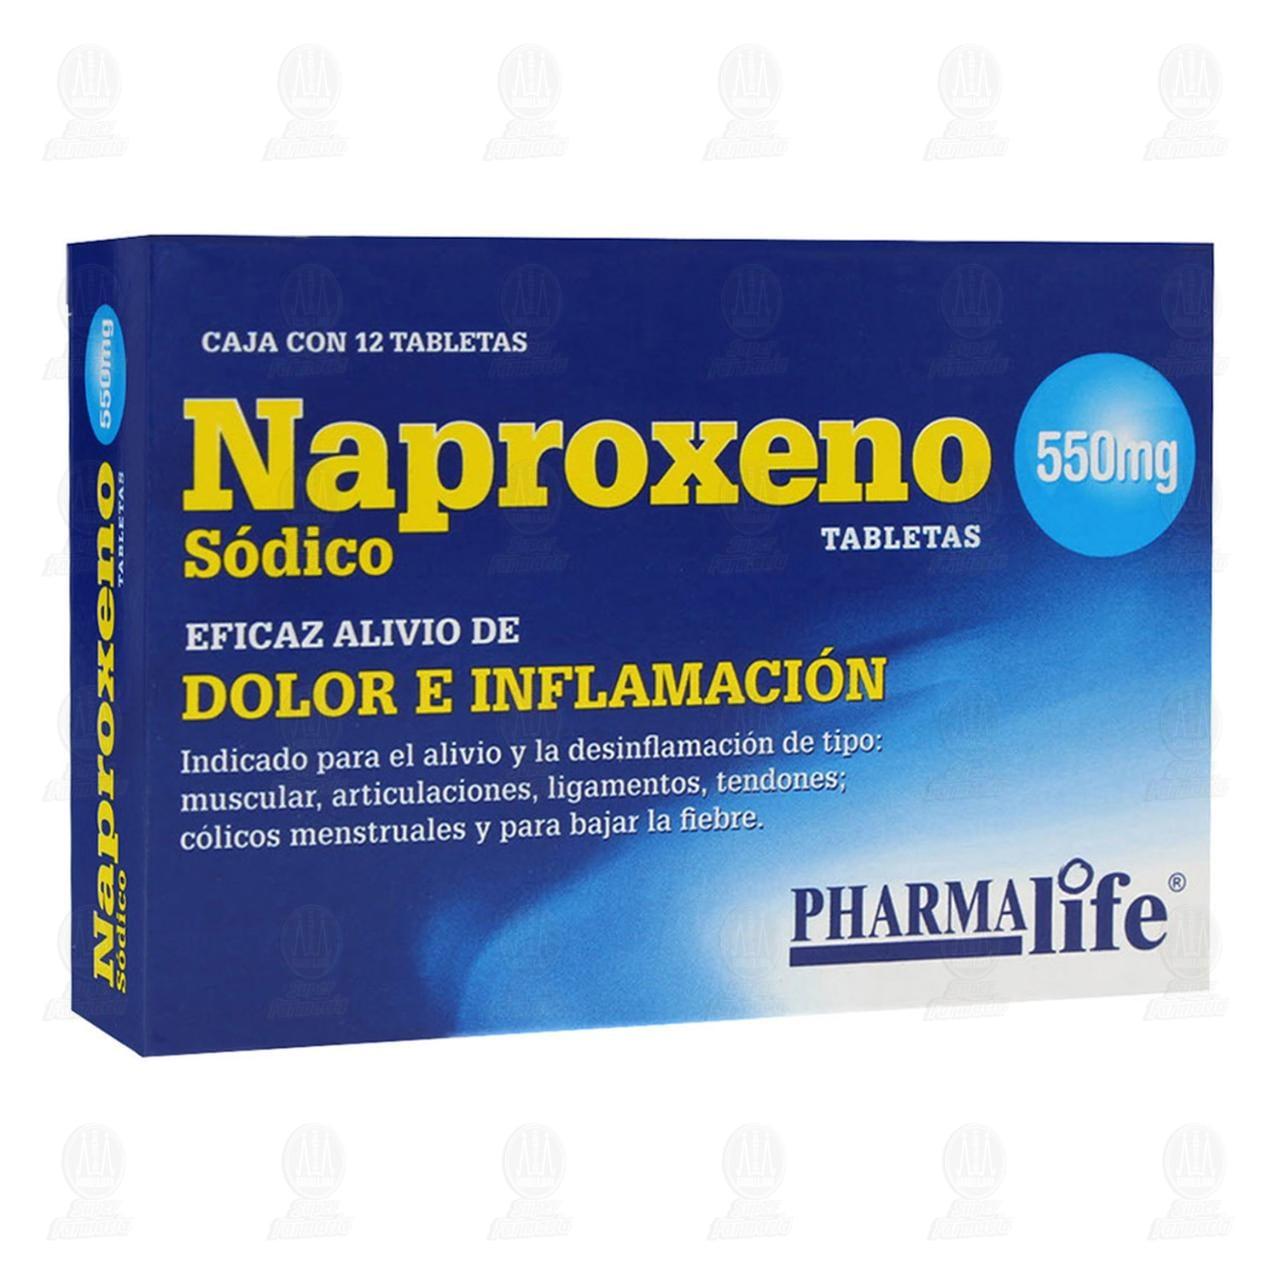 Naproxeno 550mg 12 Tabletas Pharmalife